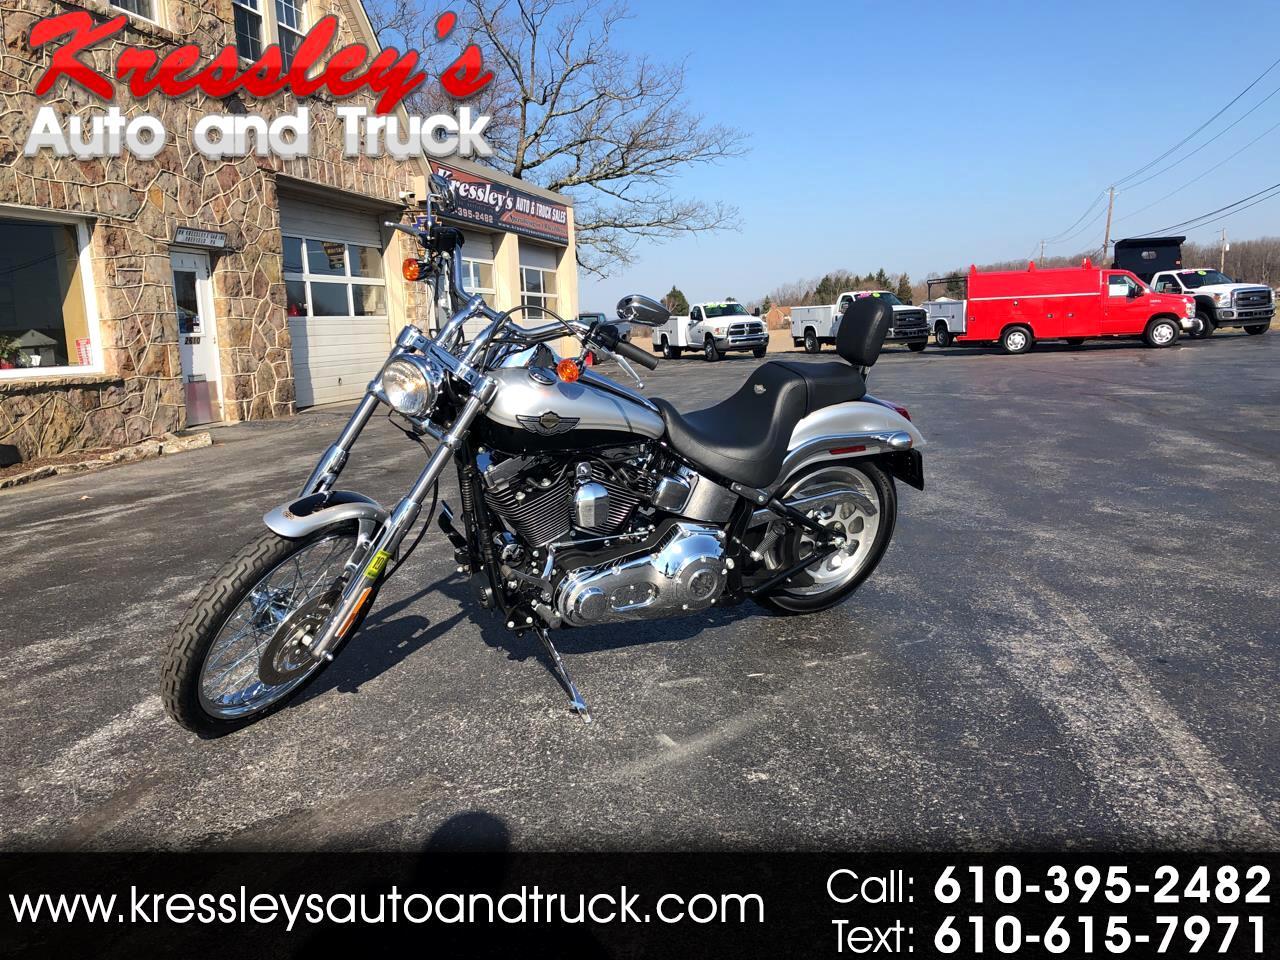 2003 Harley-Davidson Softail Deuce 100th anniversary